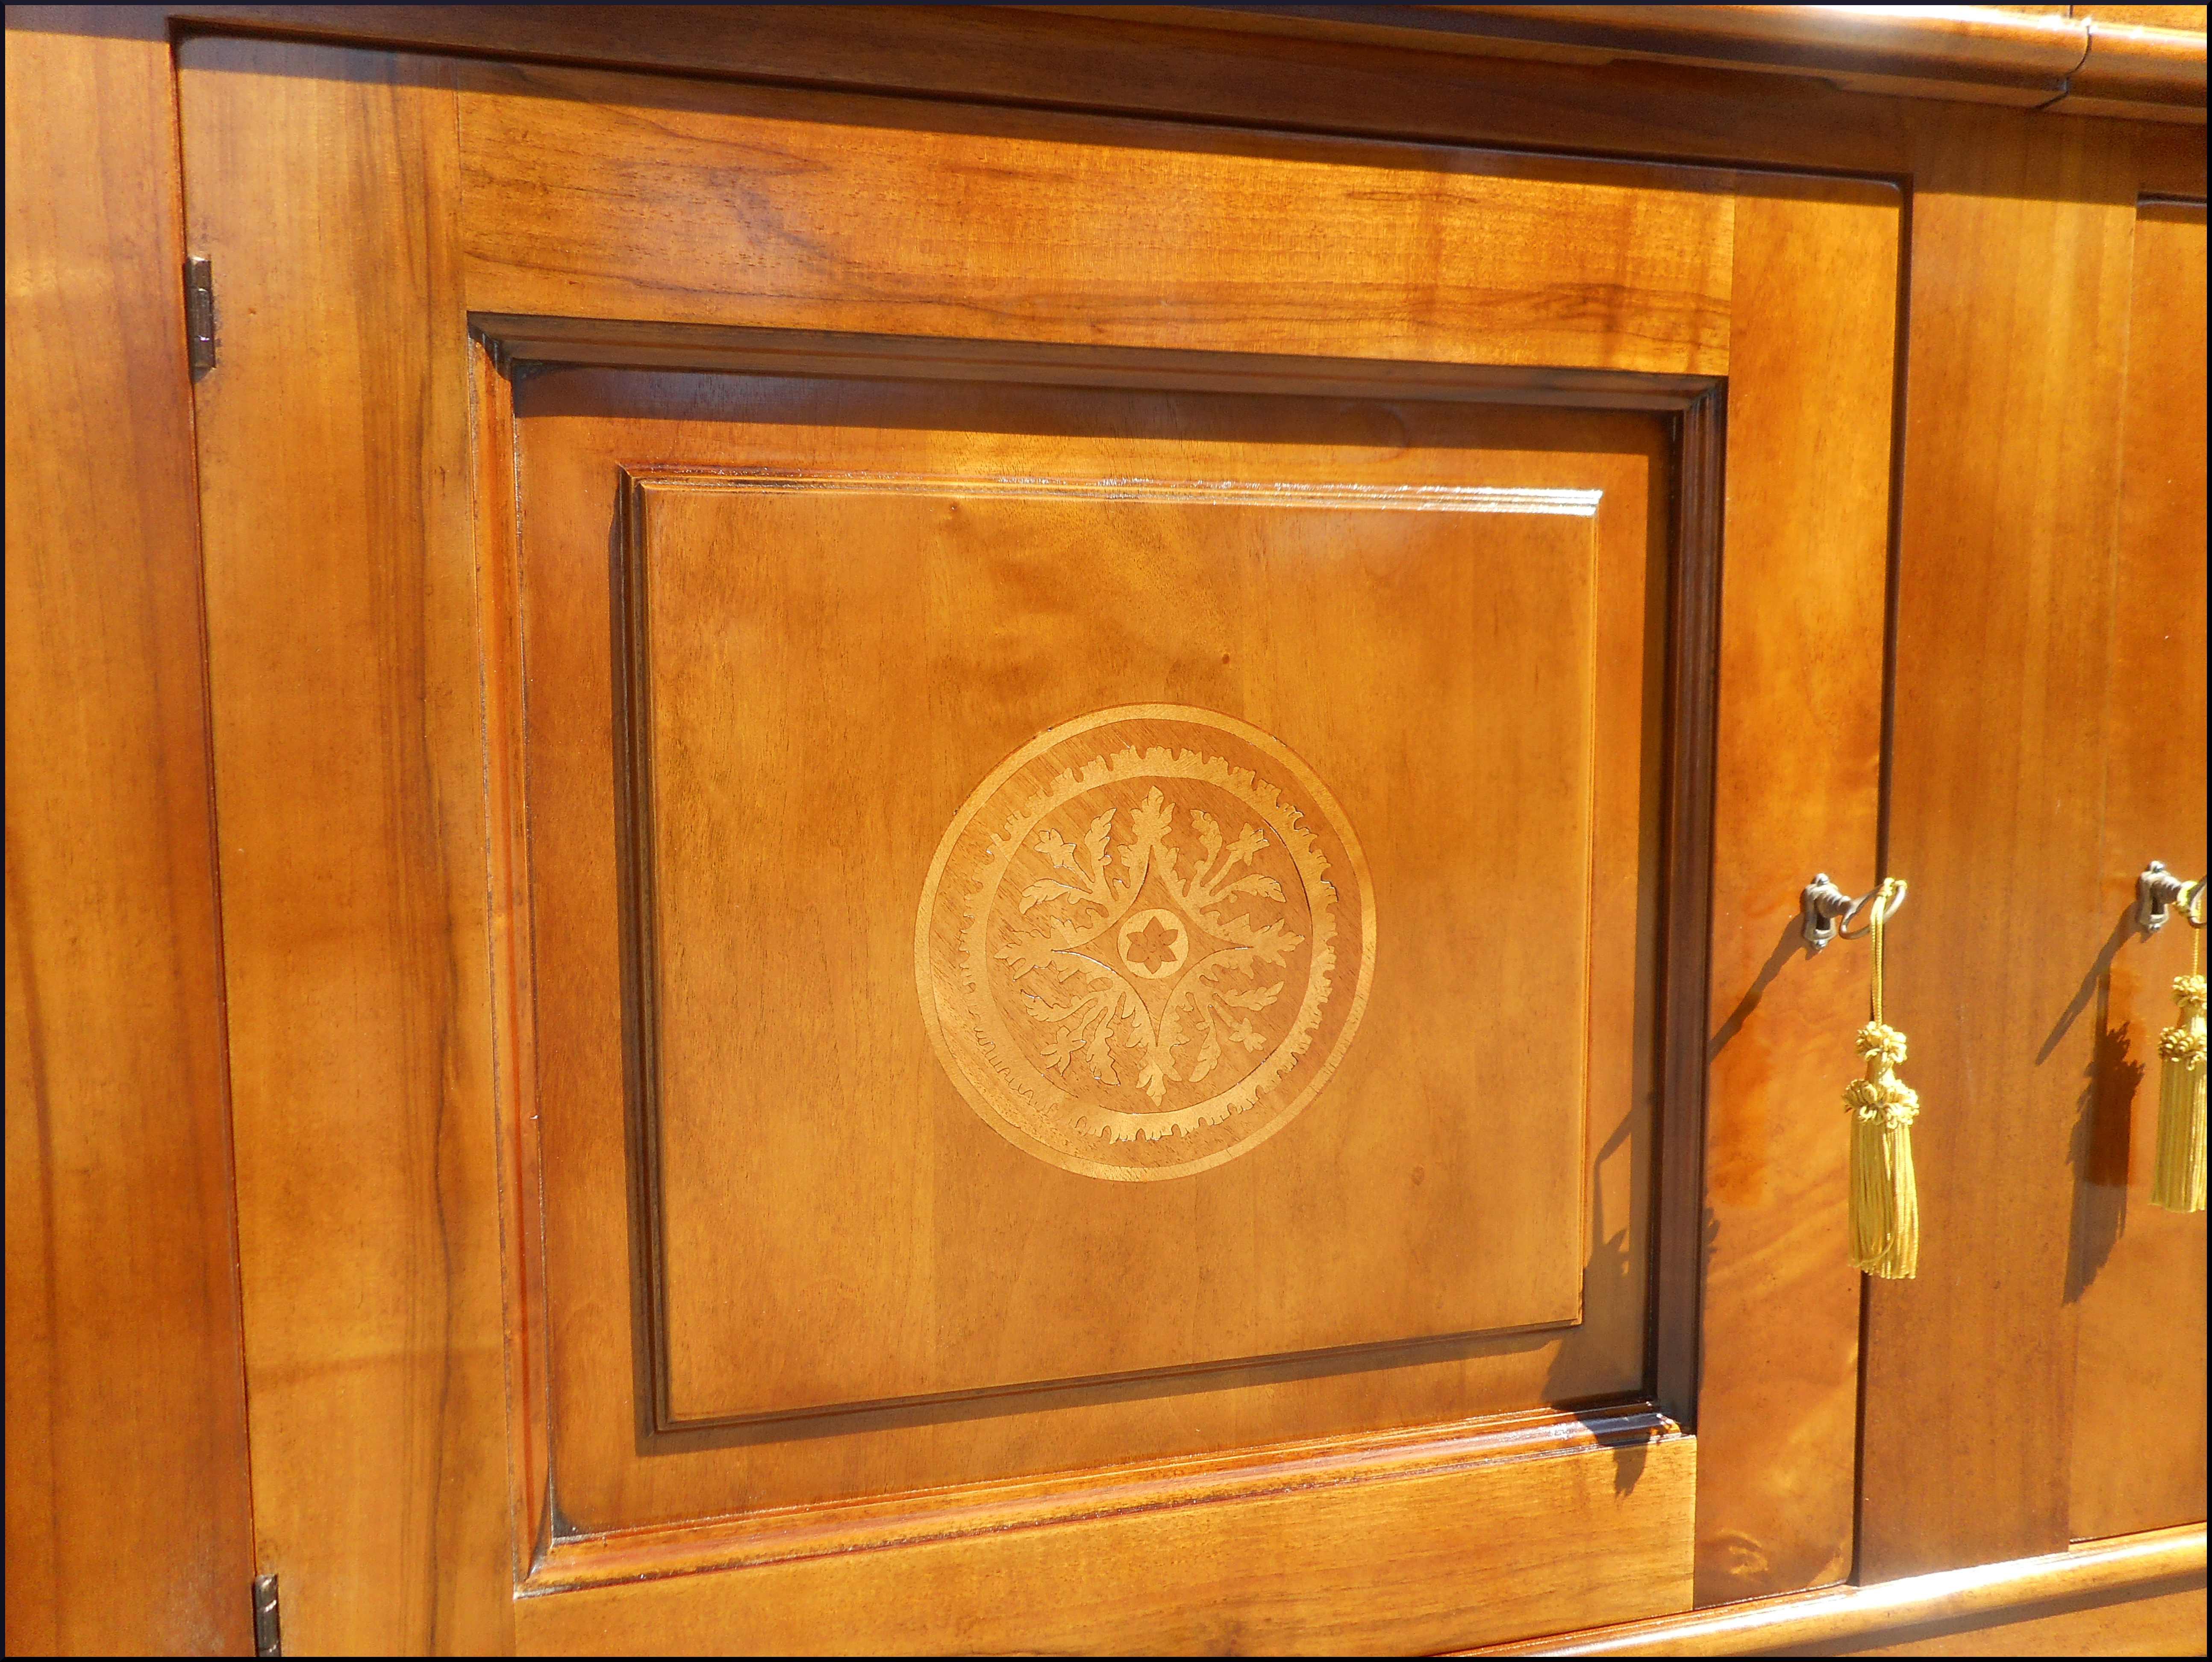 Credenzone classico due porte con intarsi